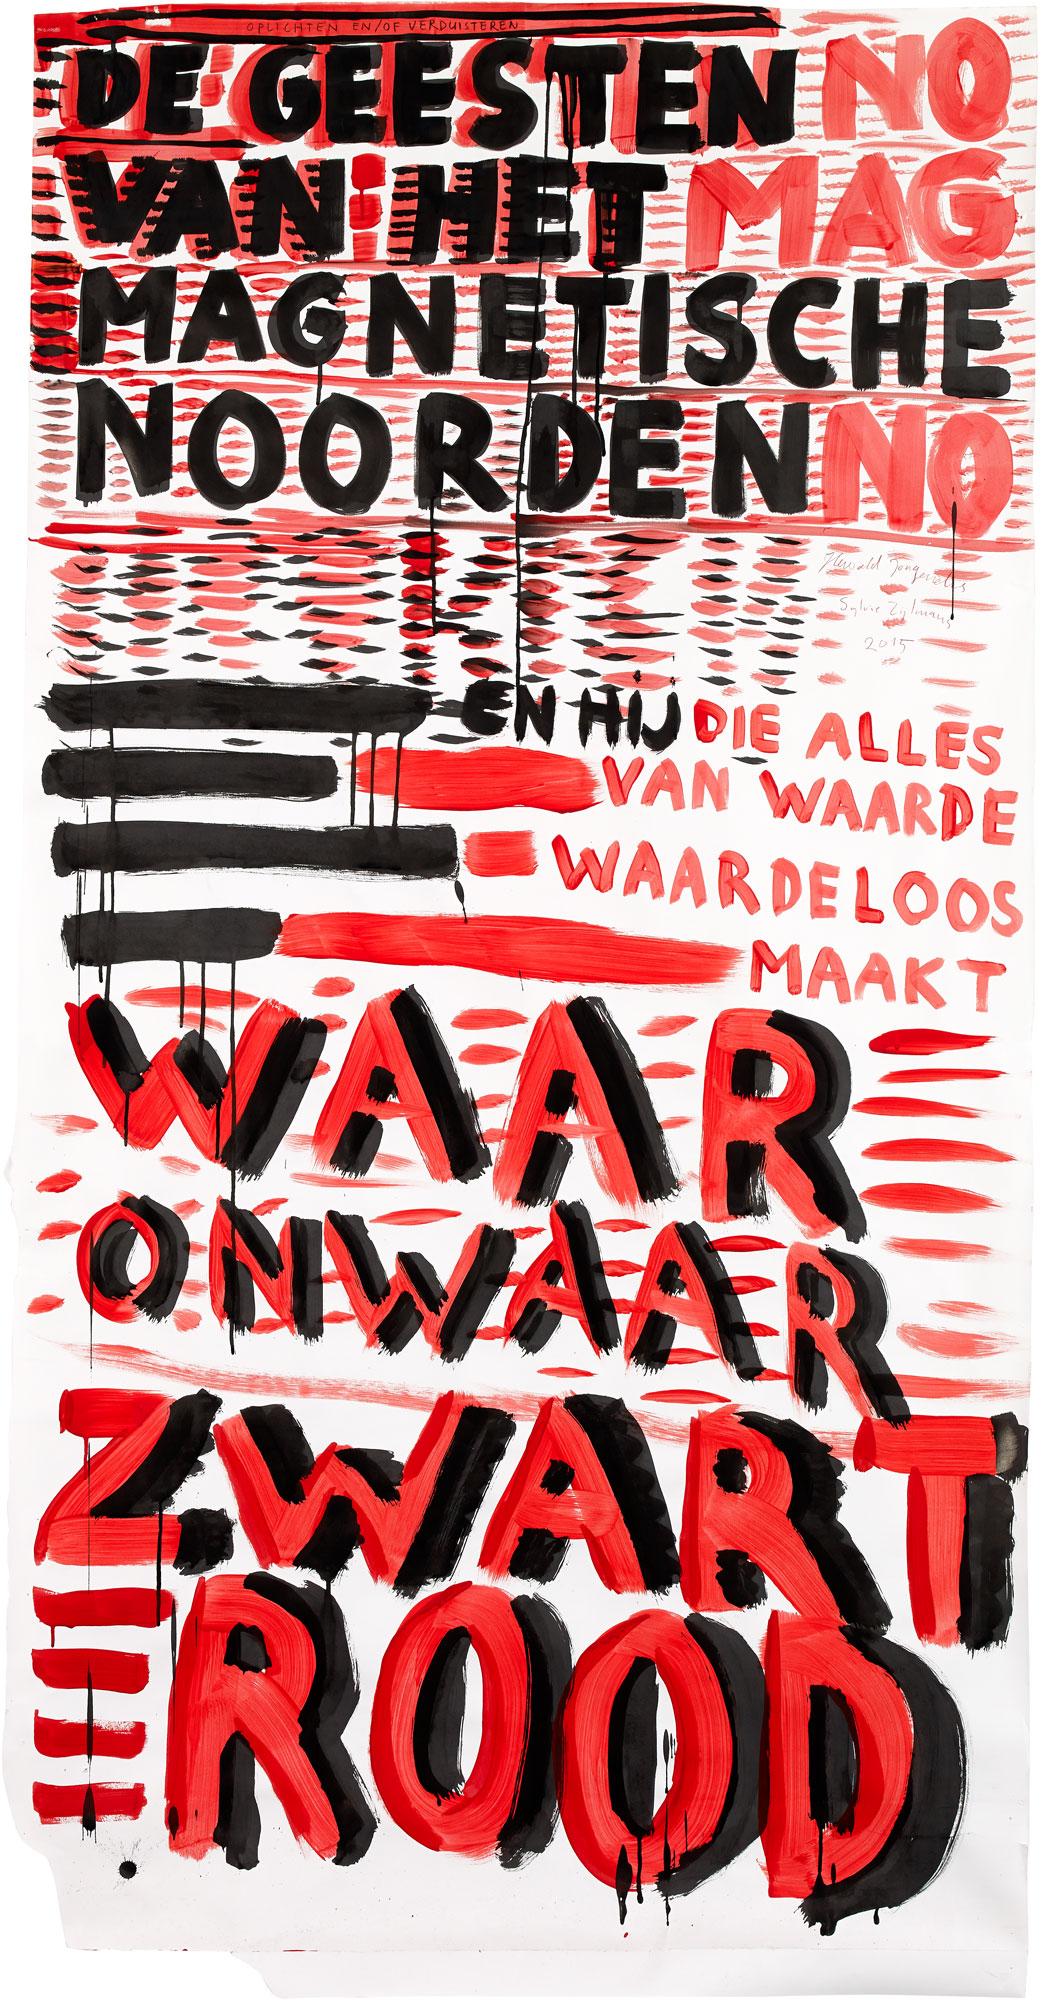 MAGNO_WORKS_07_WAAR-ONWAAR-ZWART-ROOD